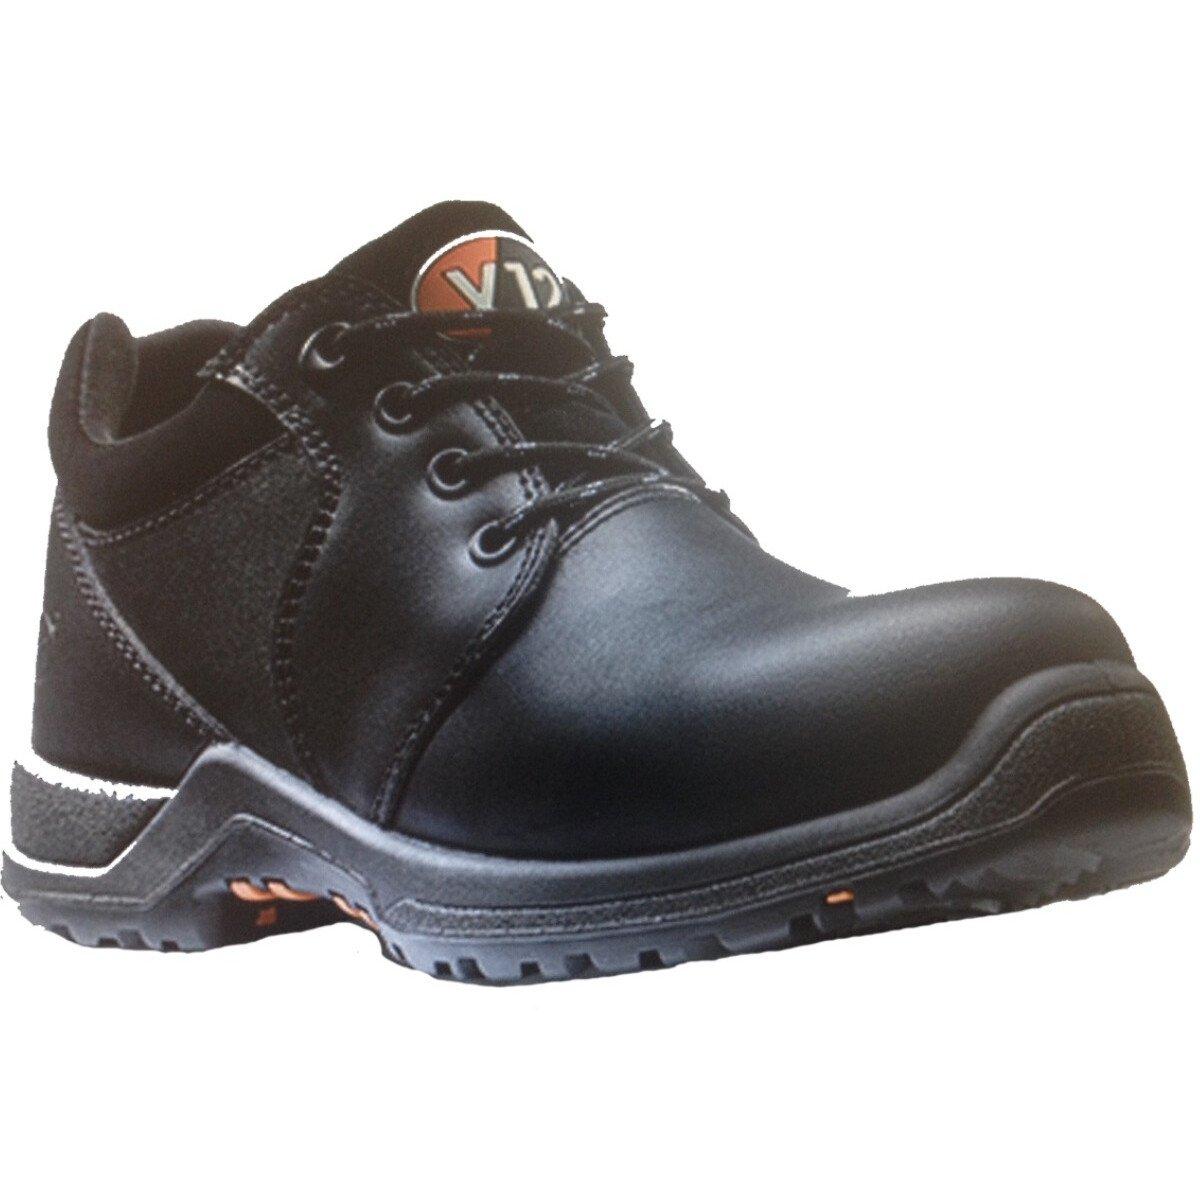 V12 Footwear Challenger UK Size 4 IGS V1710 Womens Black Metal Free Safety Shoe S3 HRO SRC-UK4